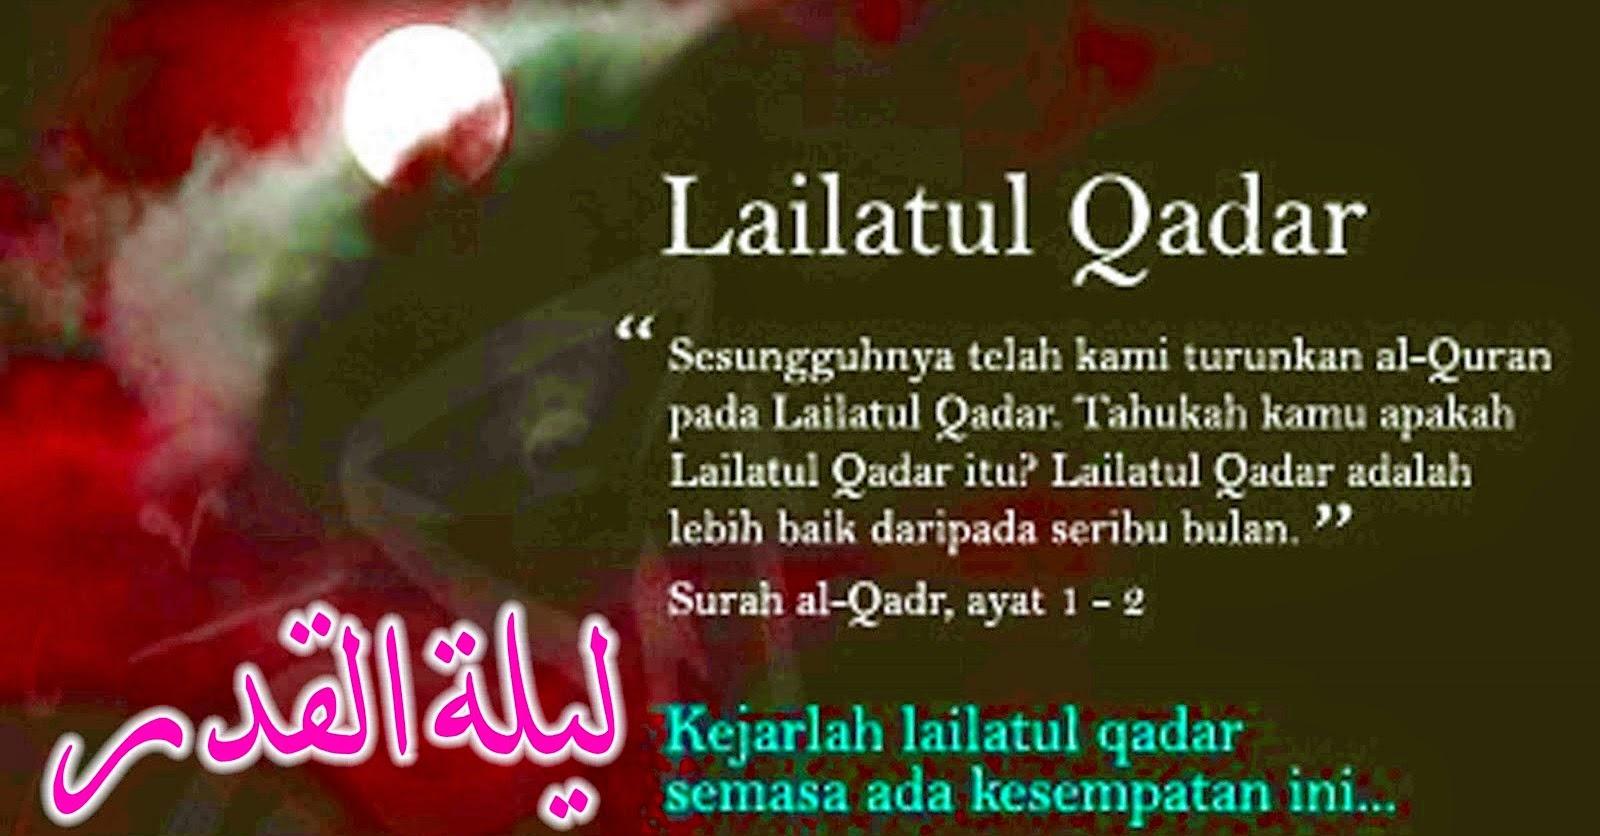 Ramadhan Bulan Al-Quran Diturunkan, Ramadhan, Al-Quran, Lailatulqadar